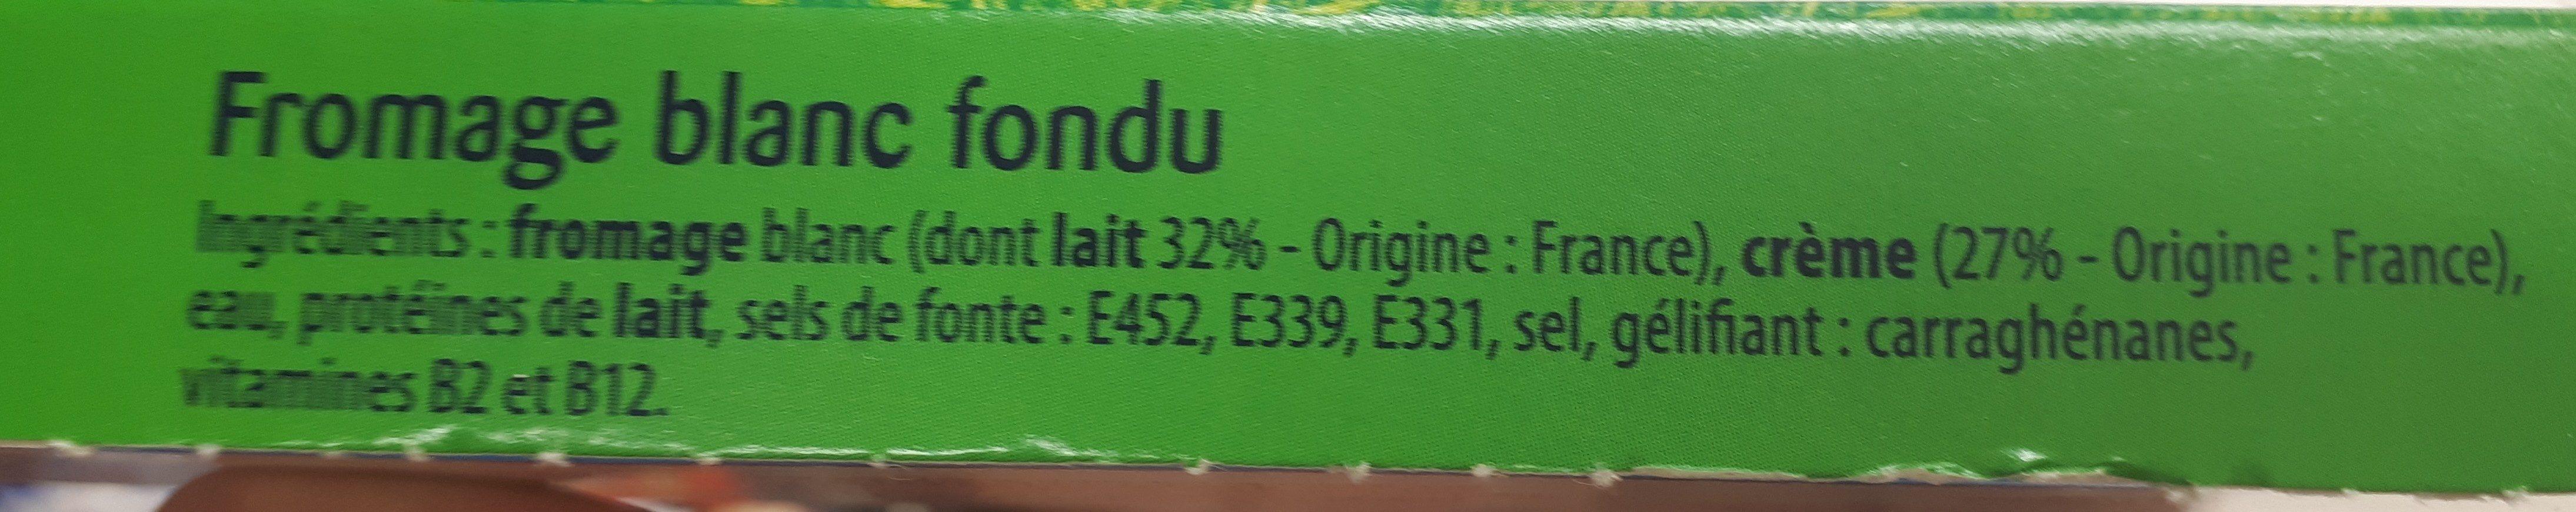 Queso fresco con nata - Ingredientes - fr